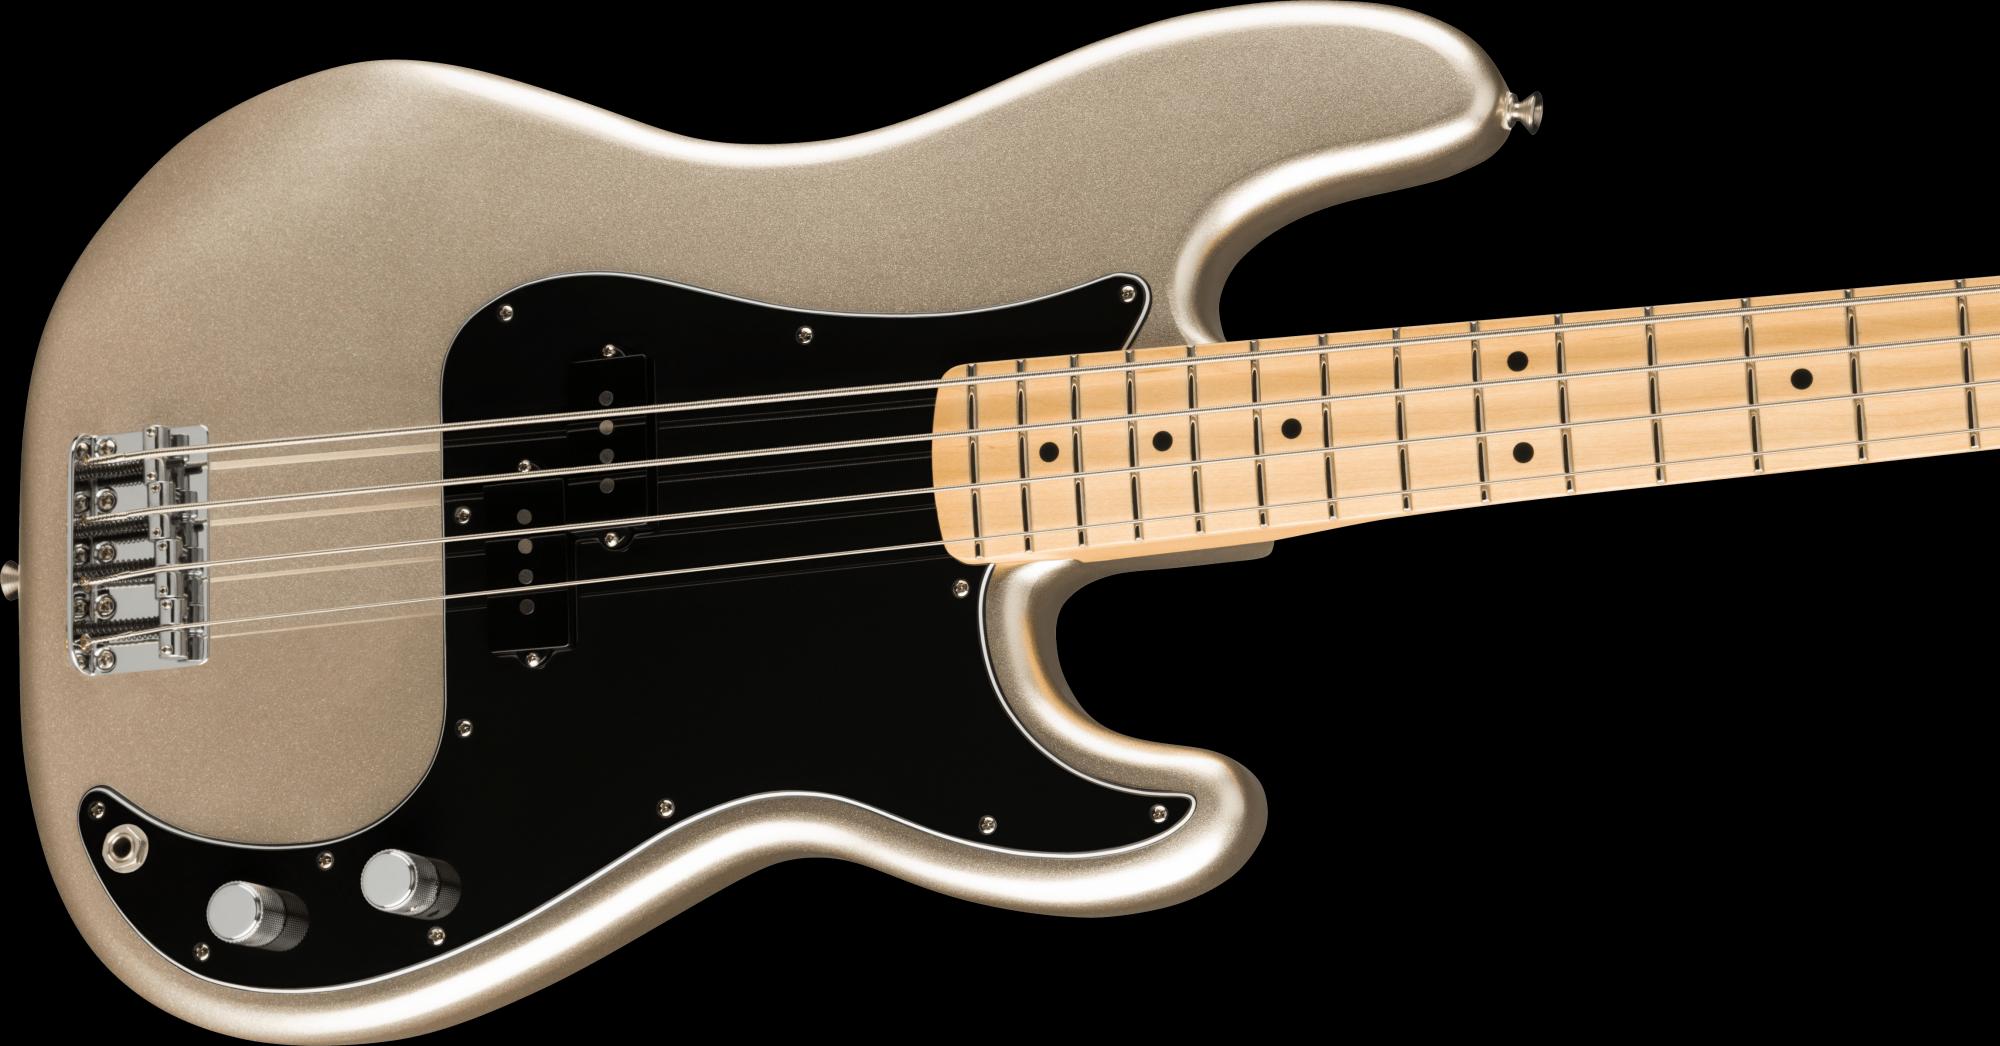 PRE-ORDER: Fender 75th Anniversary Precision Bass Maple Fingerboard - Diamond Anniversary